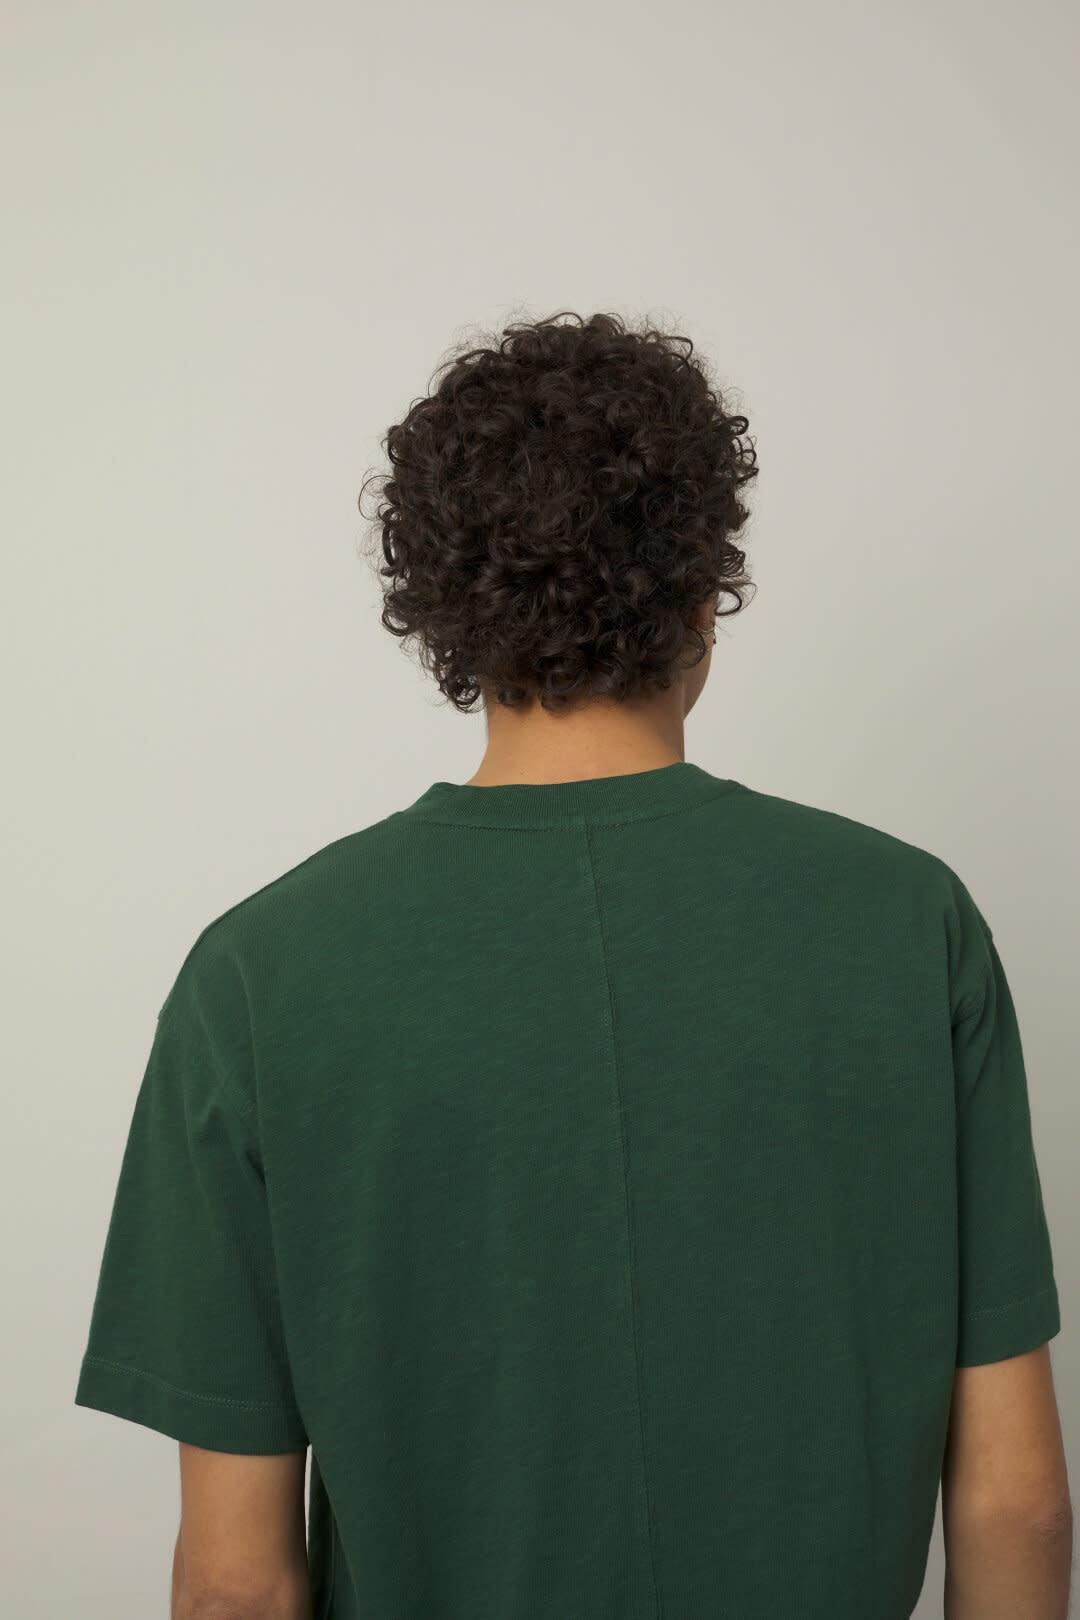 t shirt fir green-3